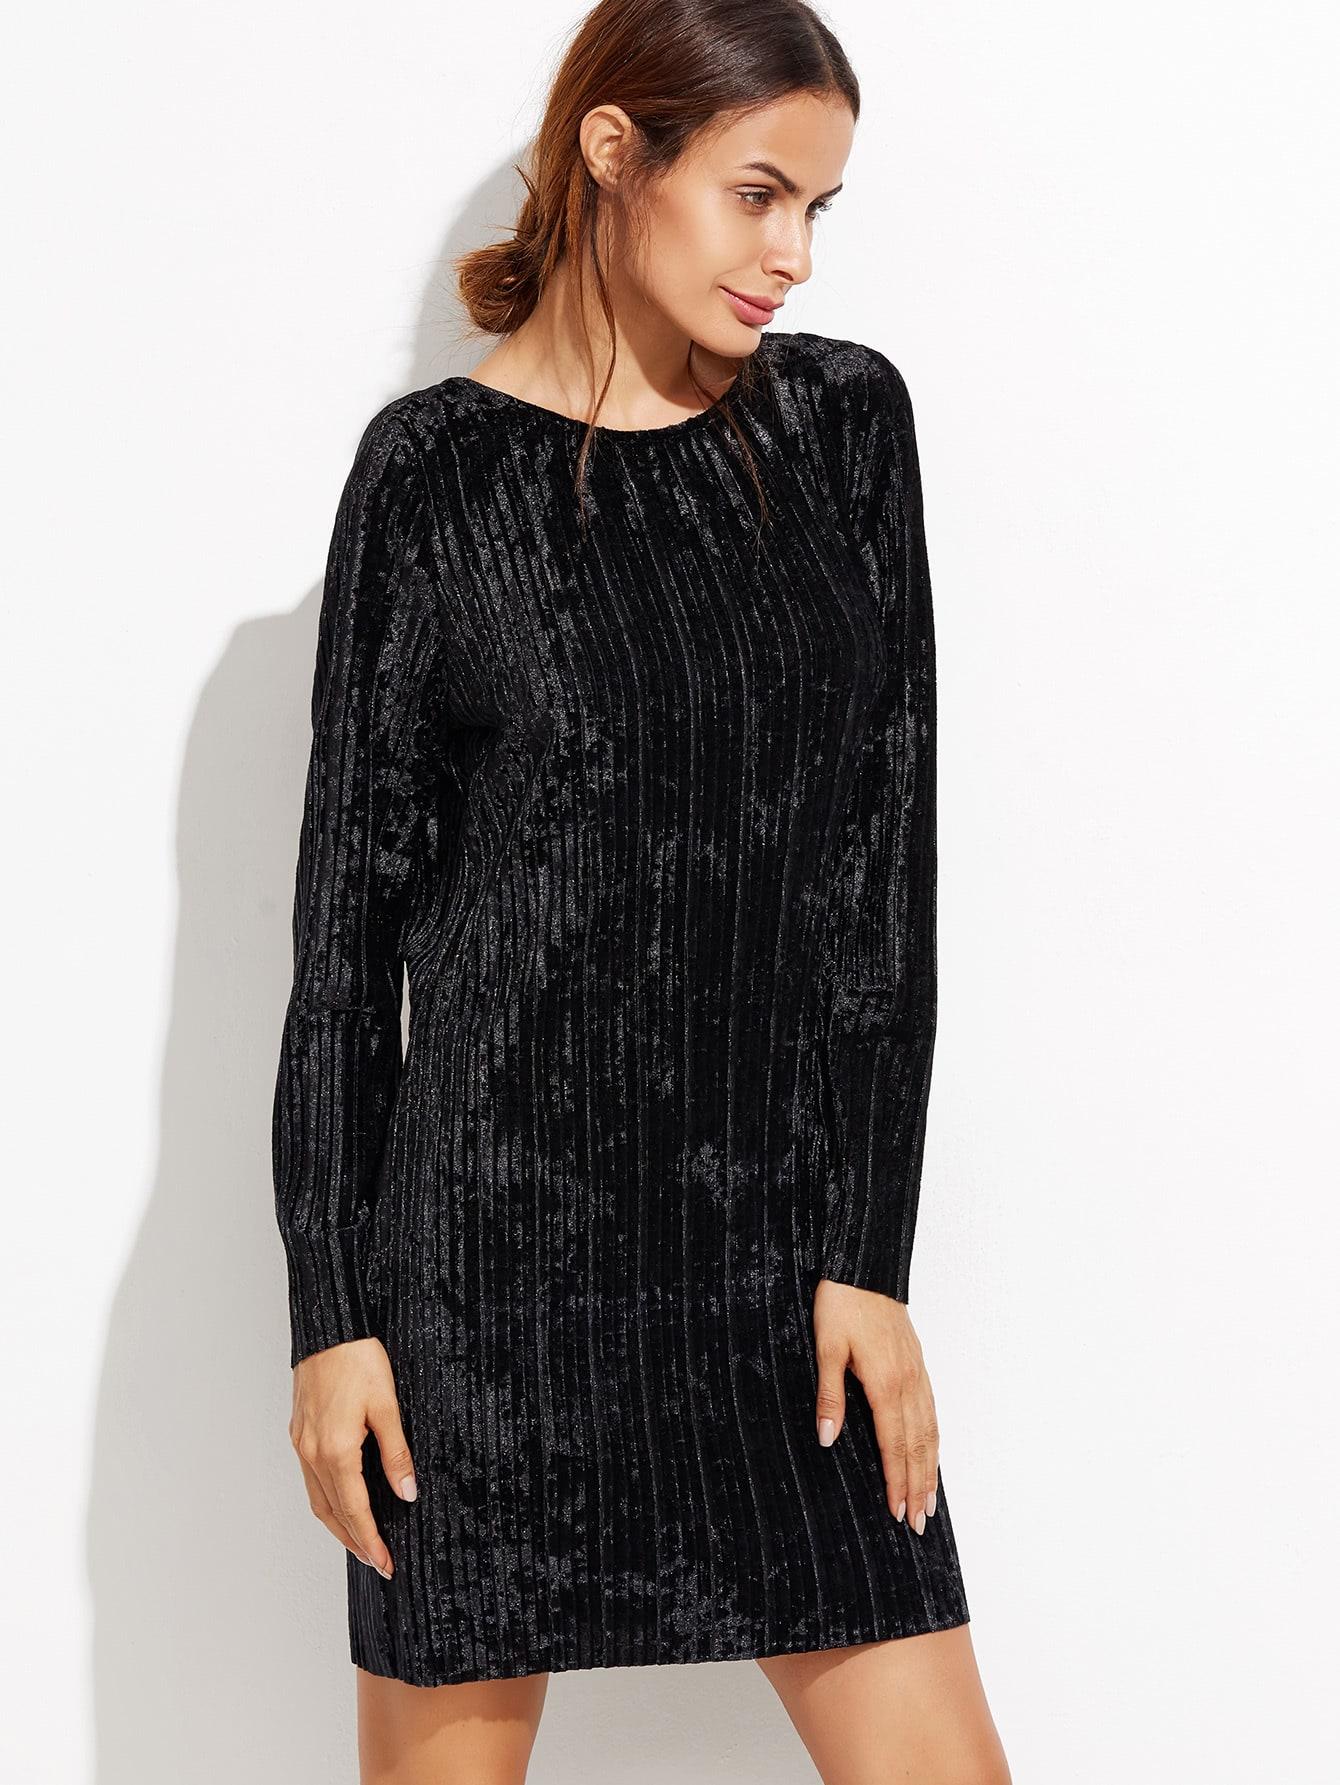 dress160920501_2